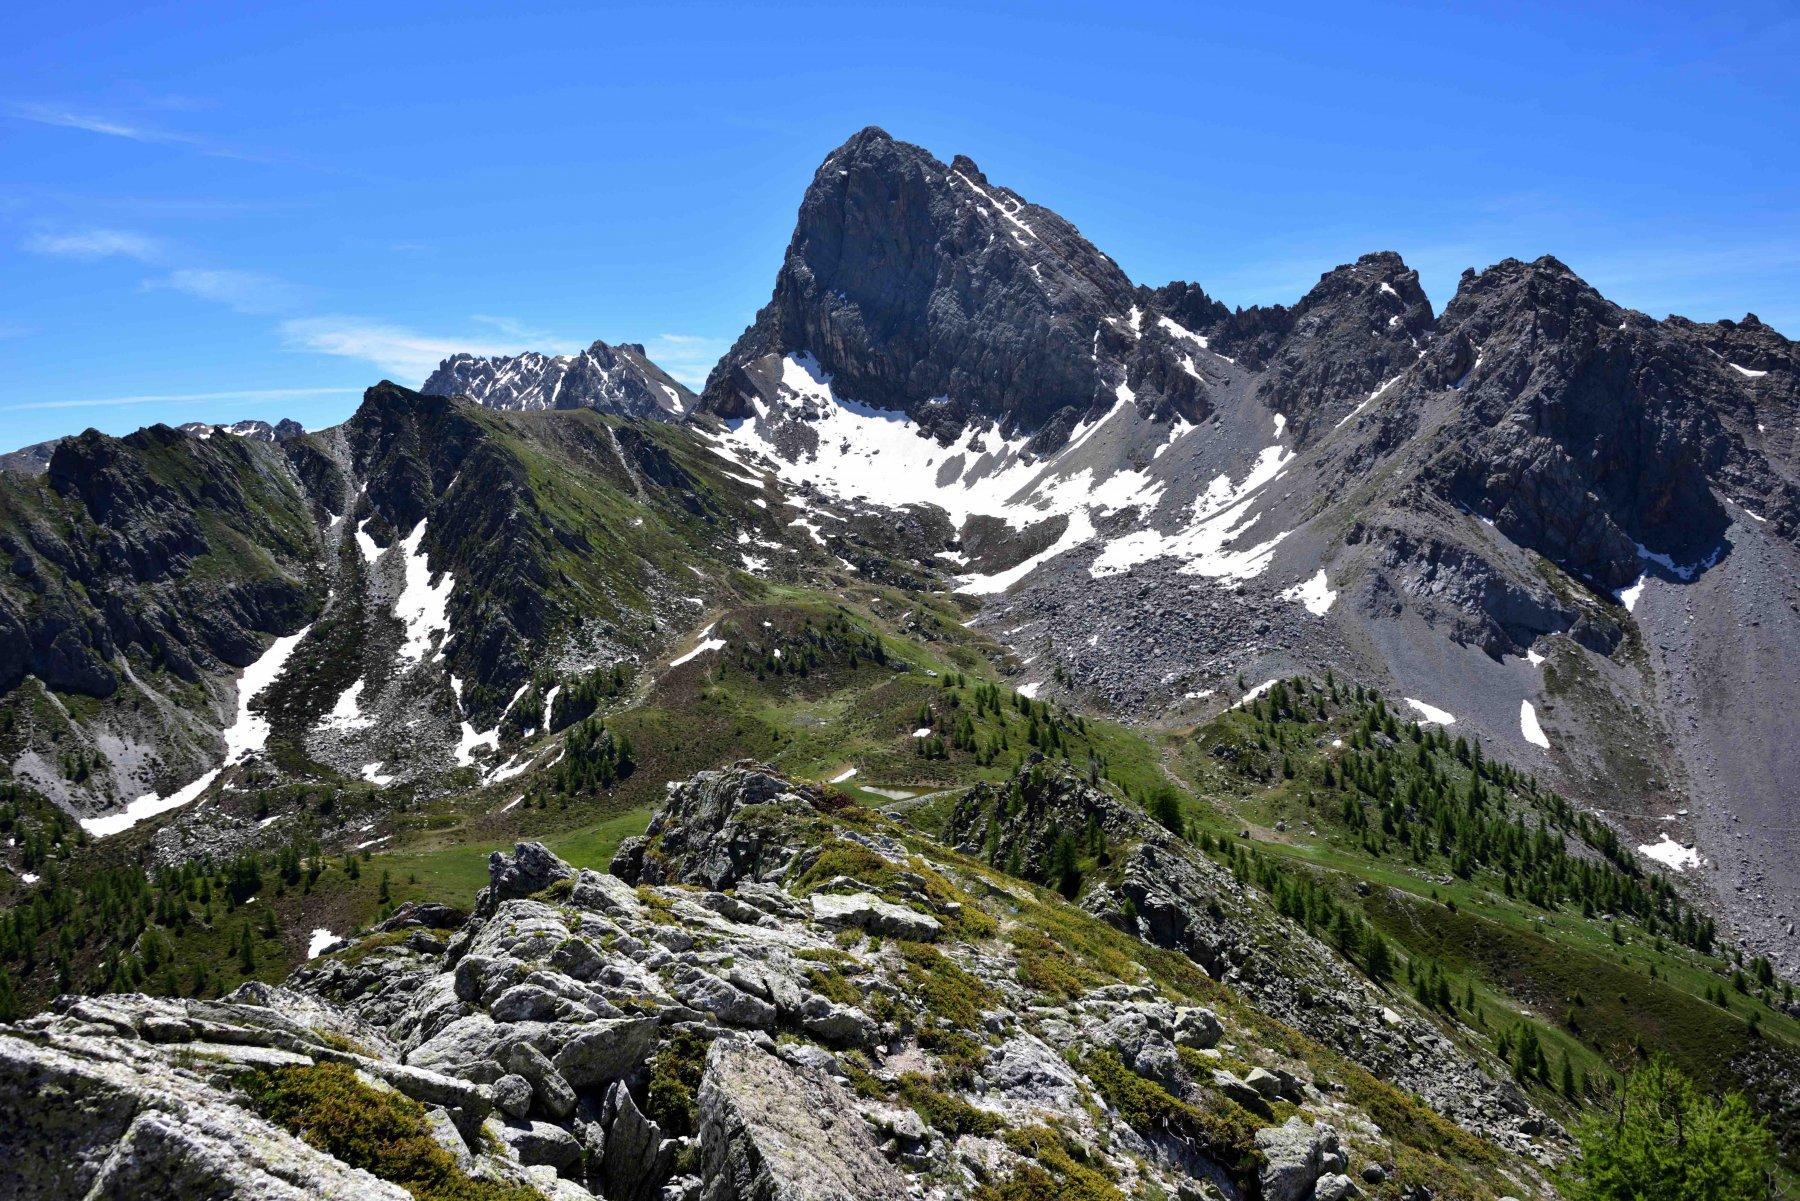 La cresta di salita e Rocca La Meja dalla vetta della Q.2401